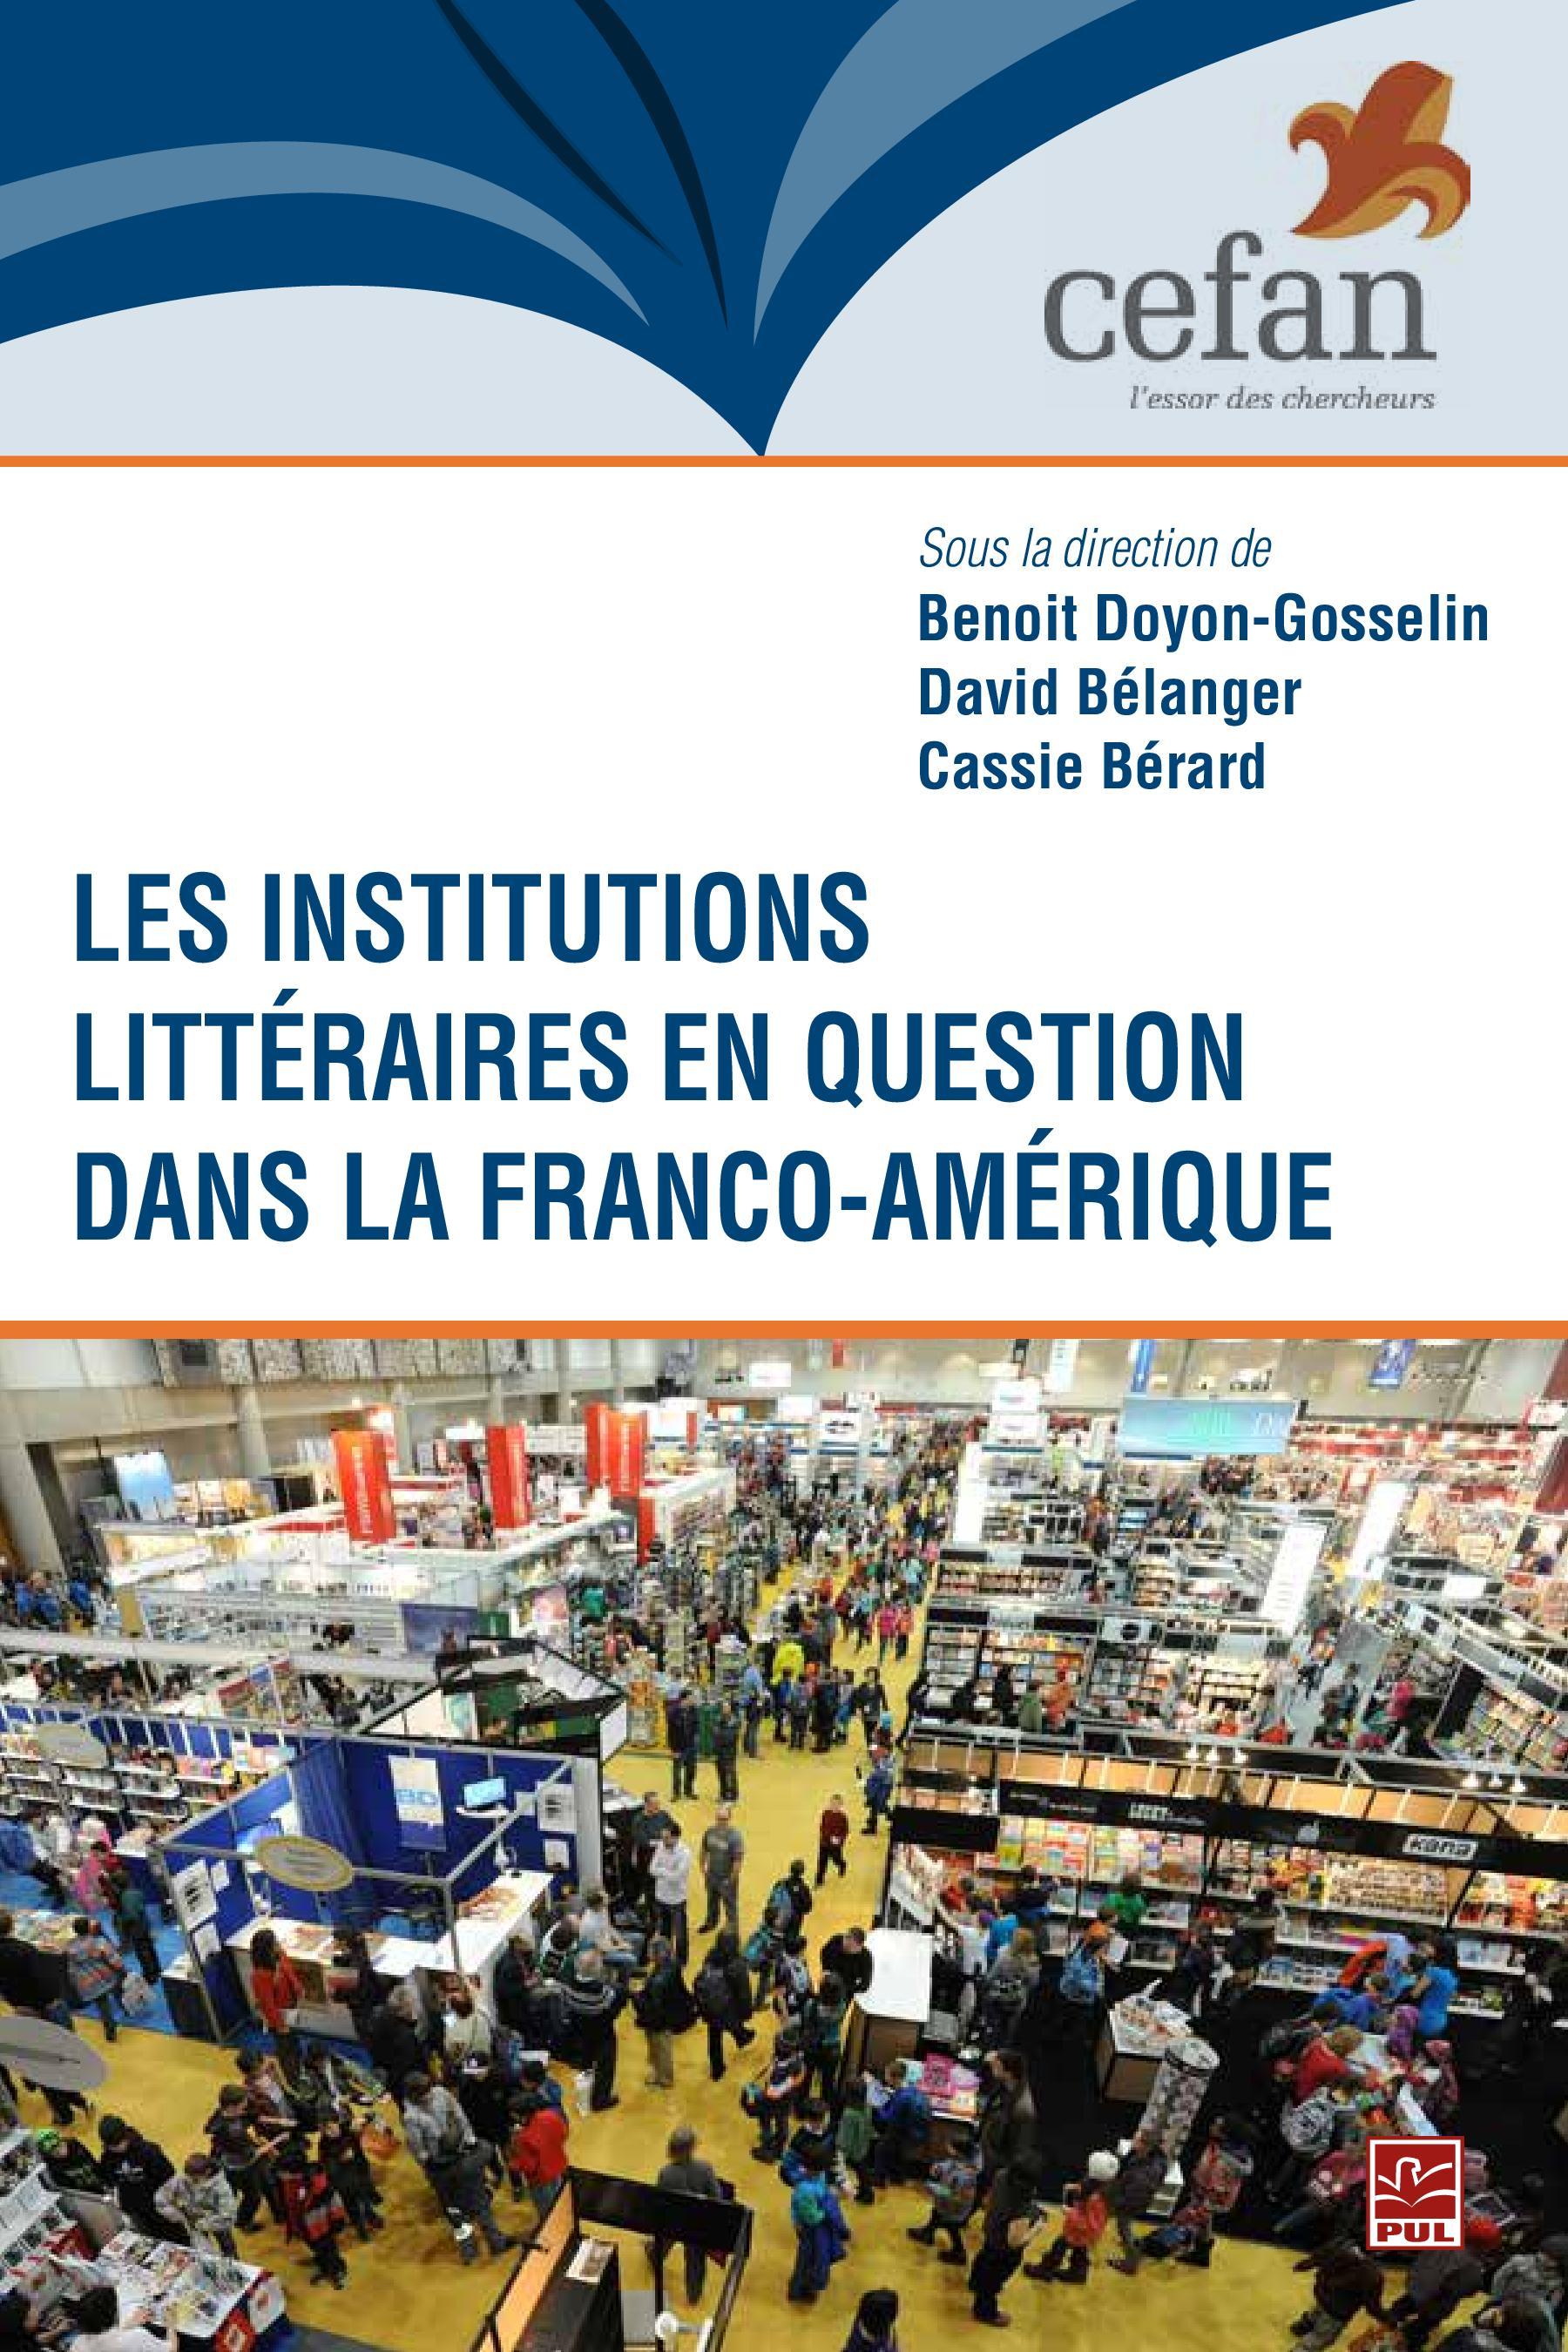 Les institutions littéraires en question dans Franco-Amérique